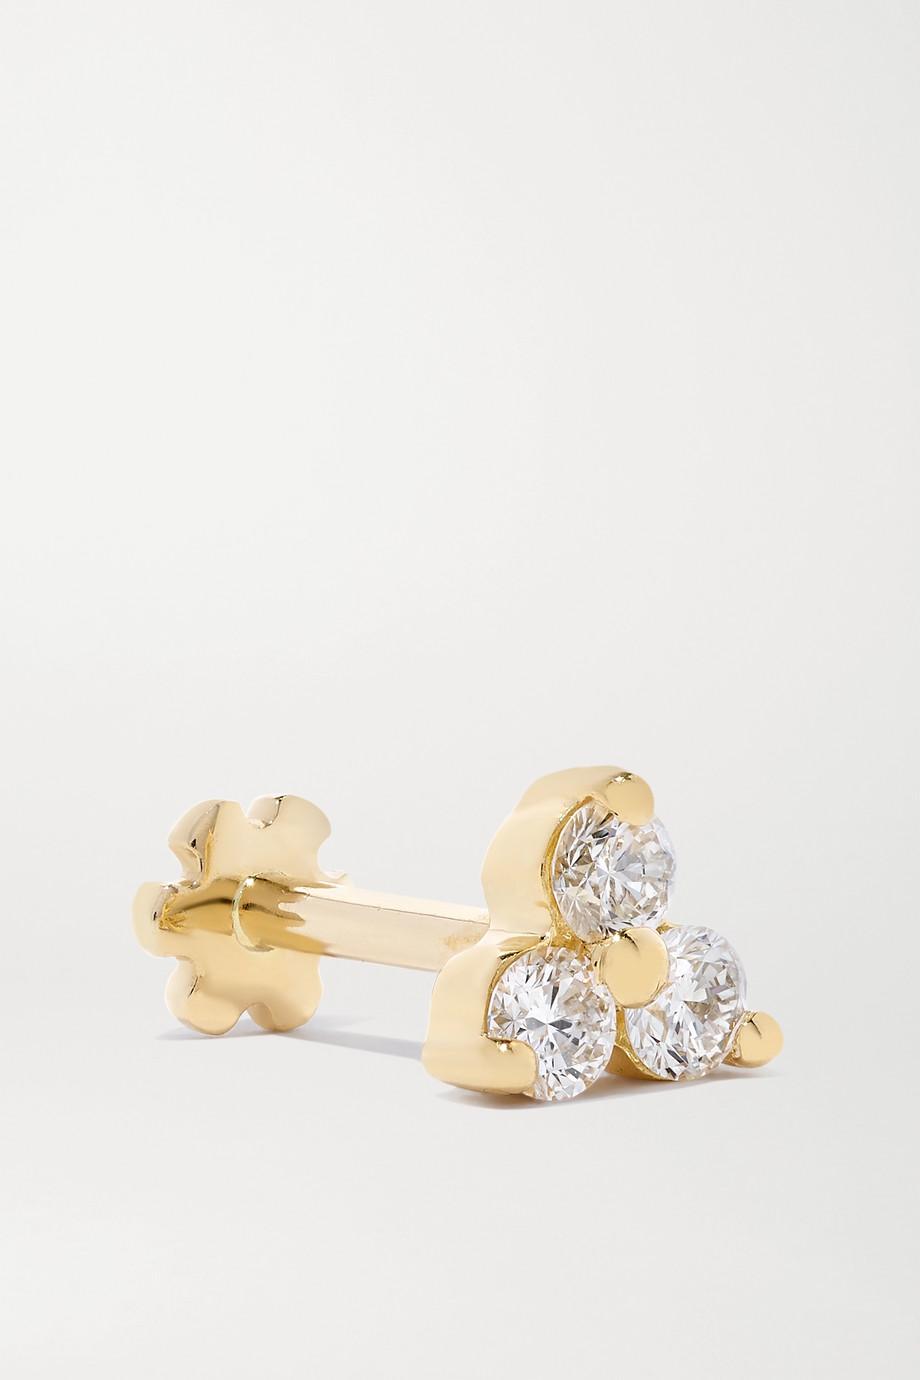 MARIA TASH Trinity 18K 黄金钻石单只耳钉